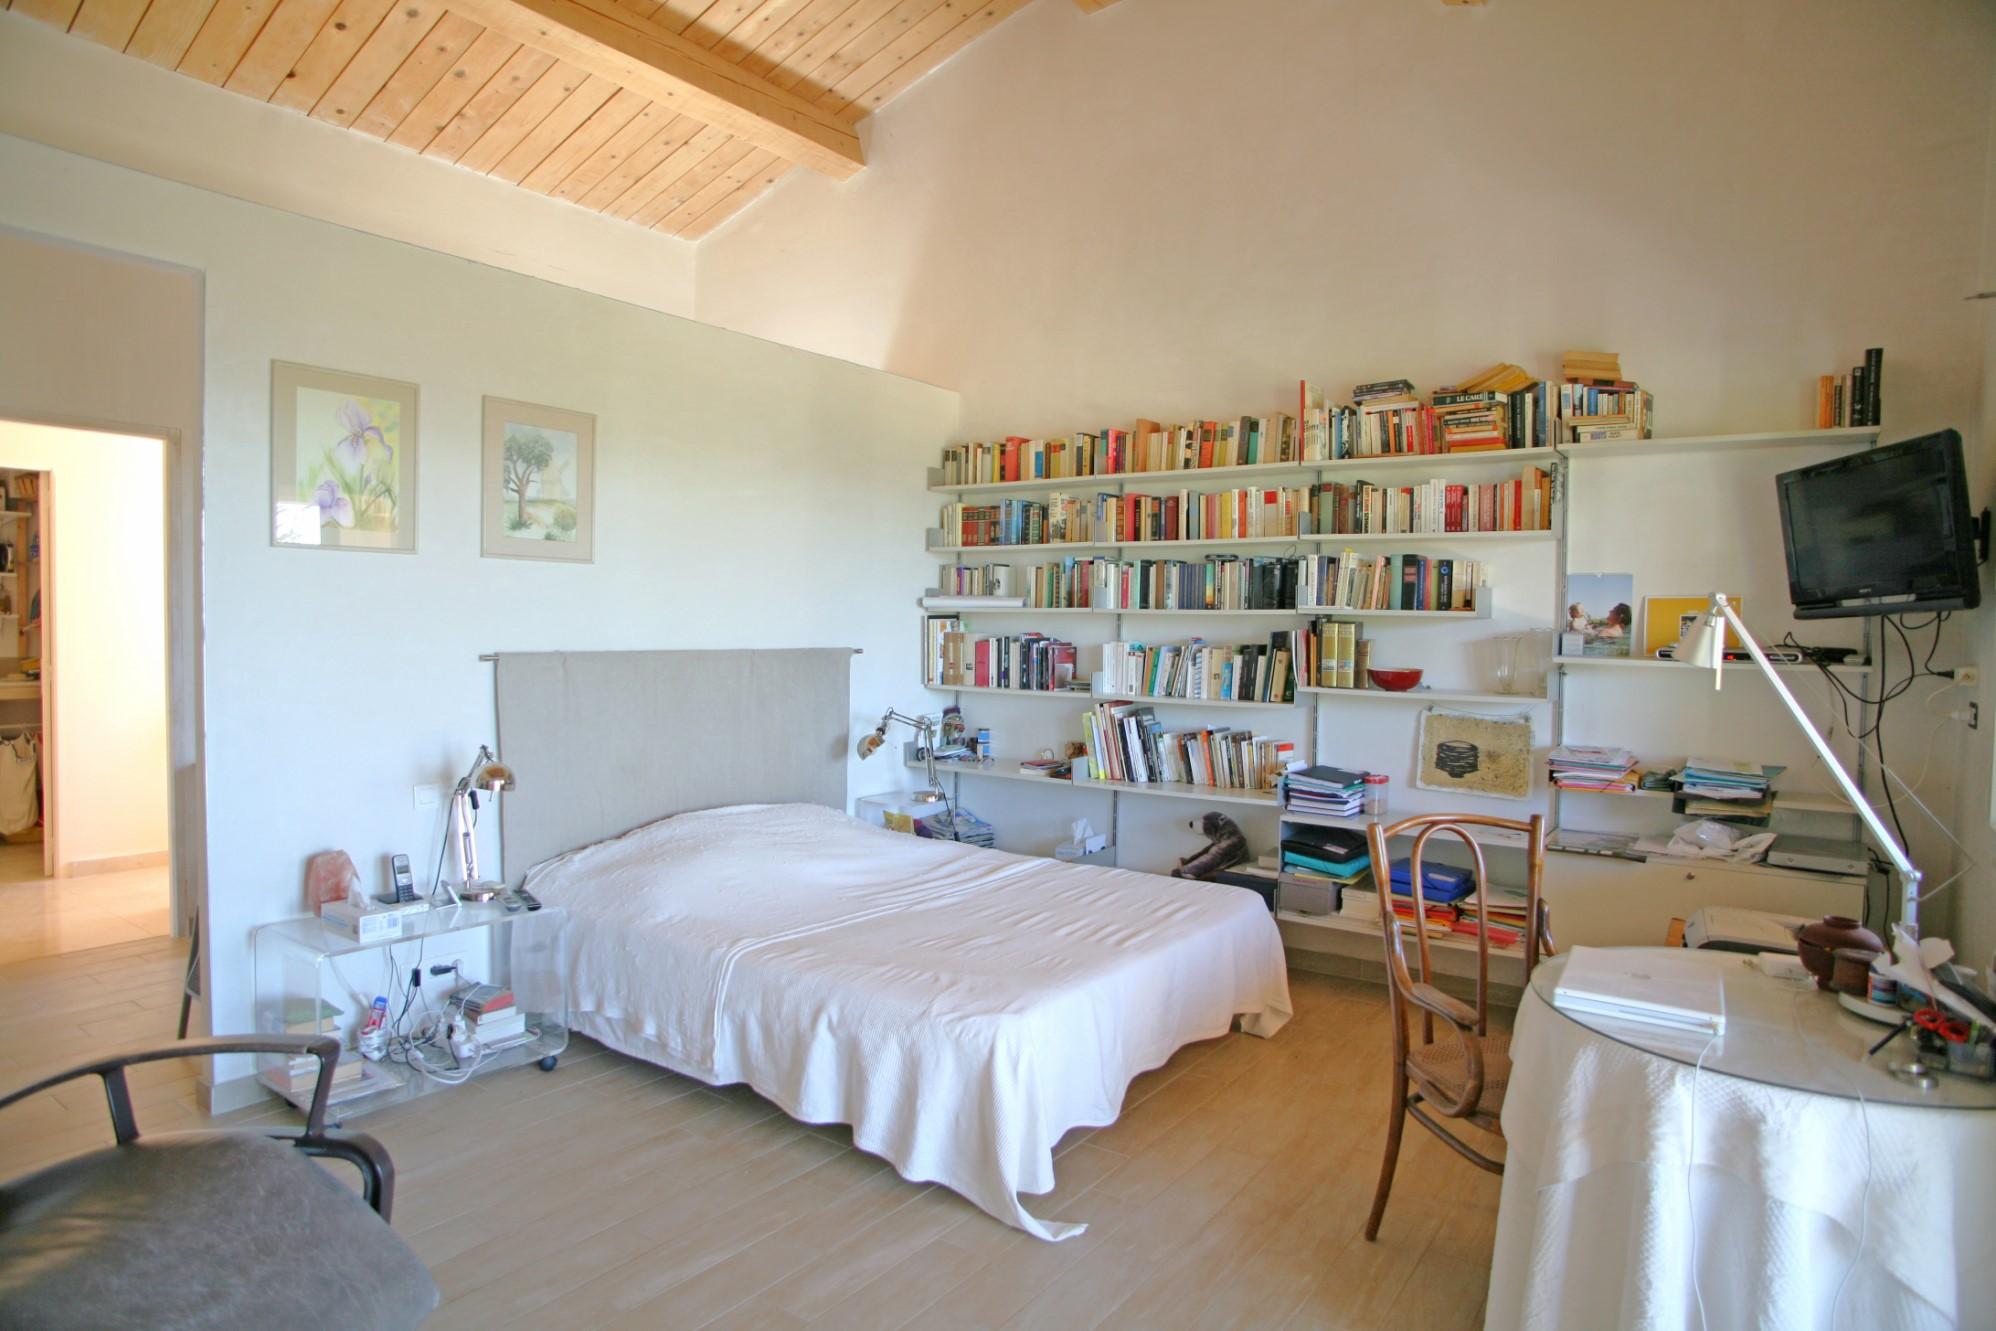 A vendre à Viens, maison contemporaine avec vue superbe sur le Luberon